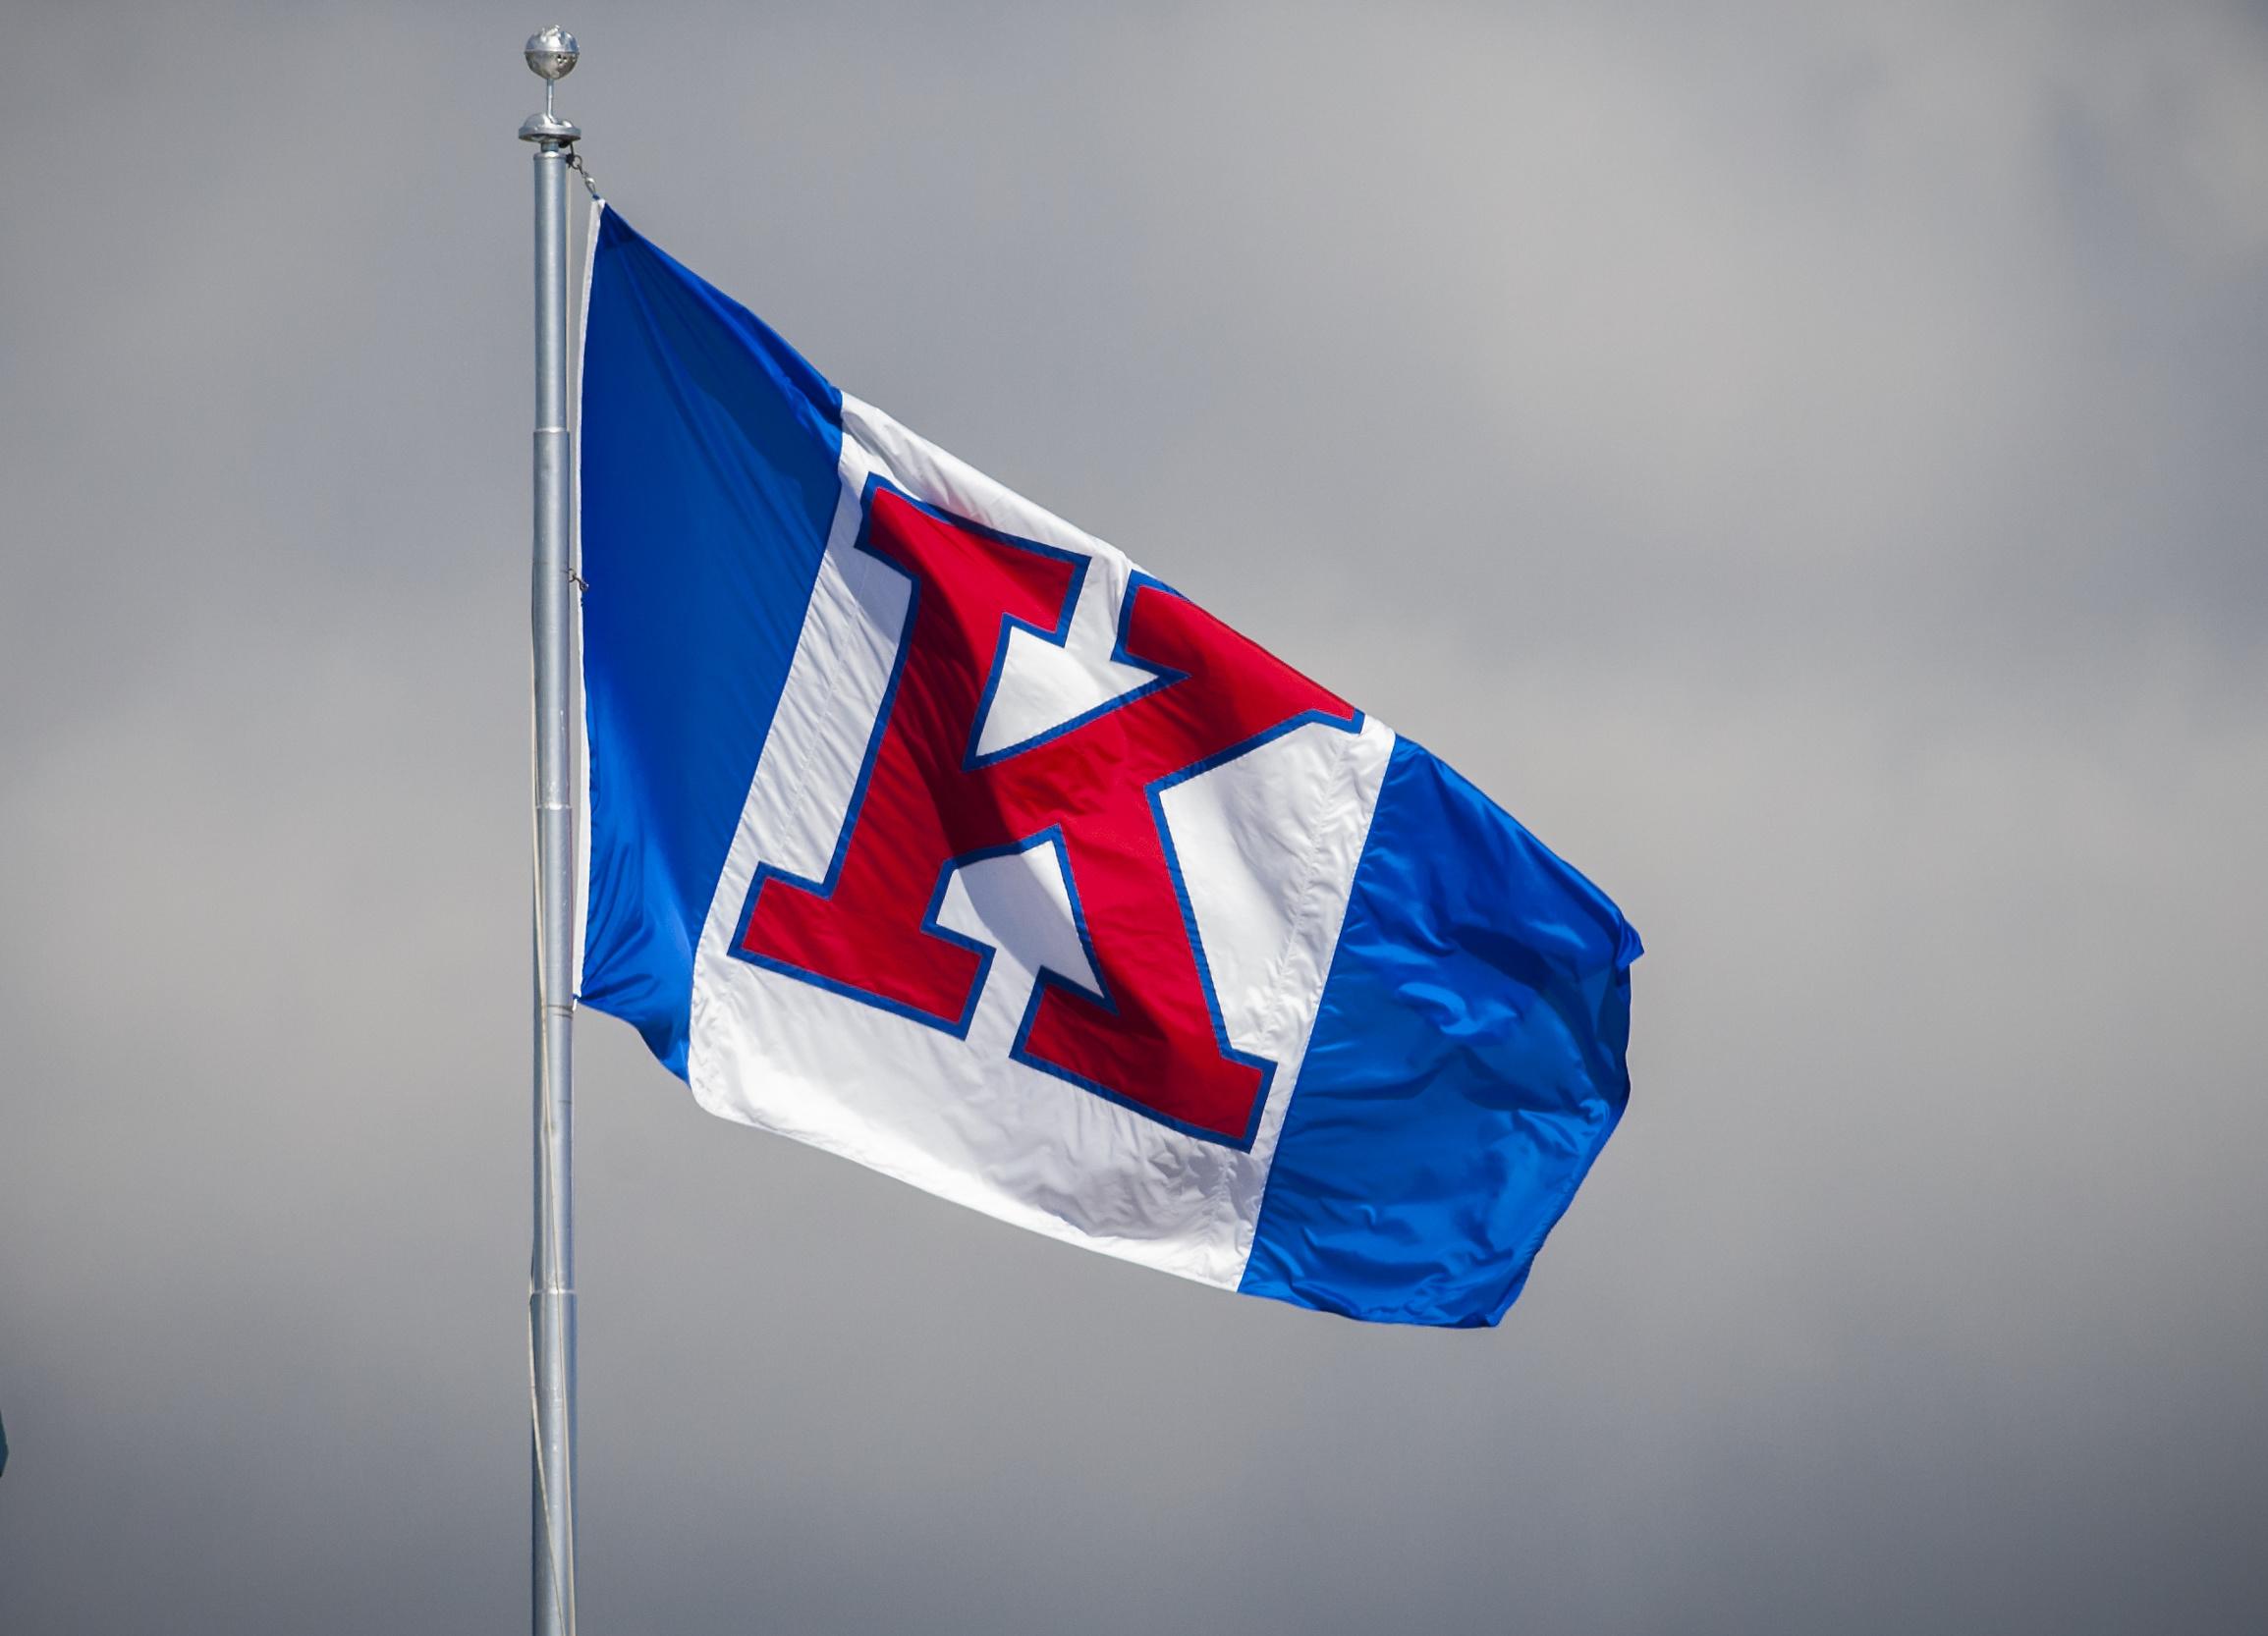 COLLEGE FOOTBALL: OCT 07 Texas Tech at Kansas